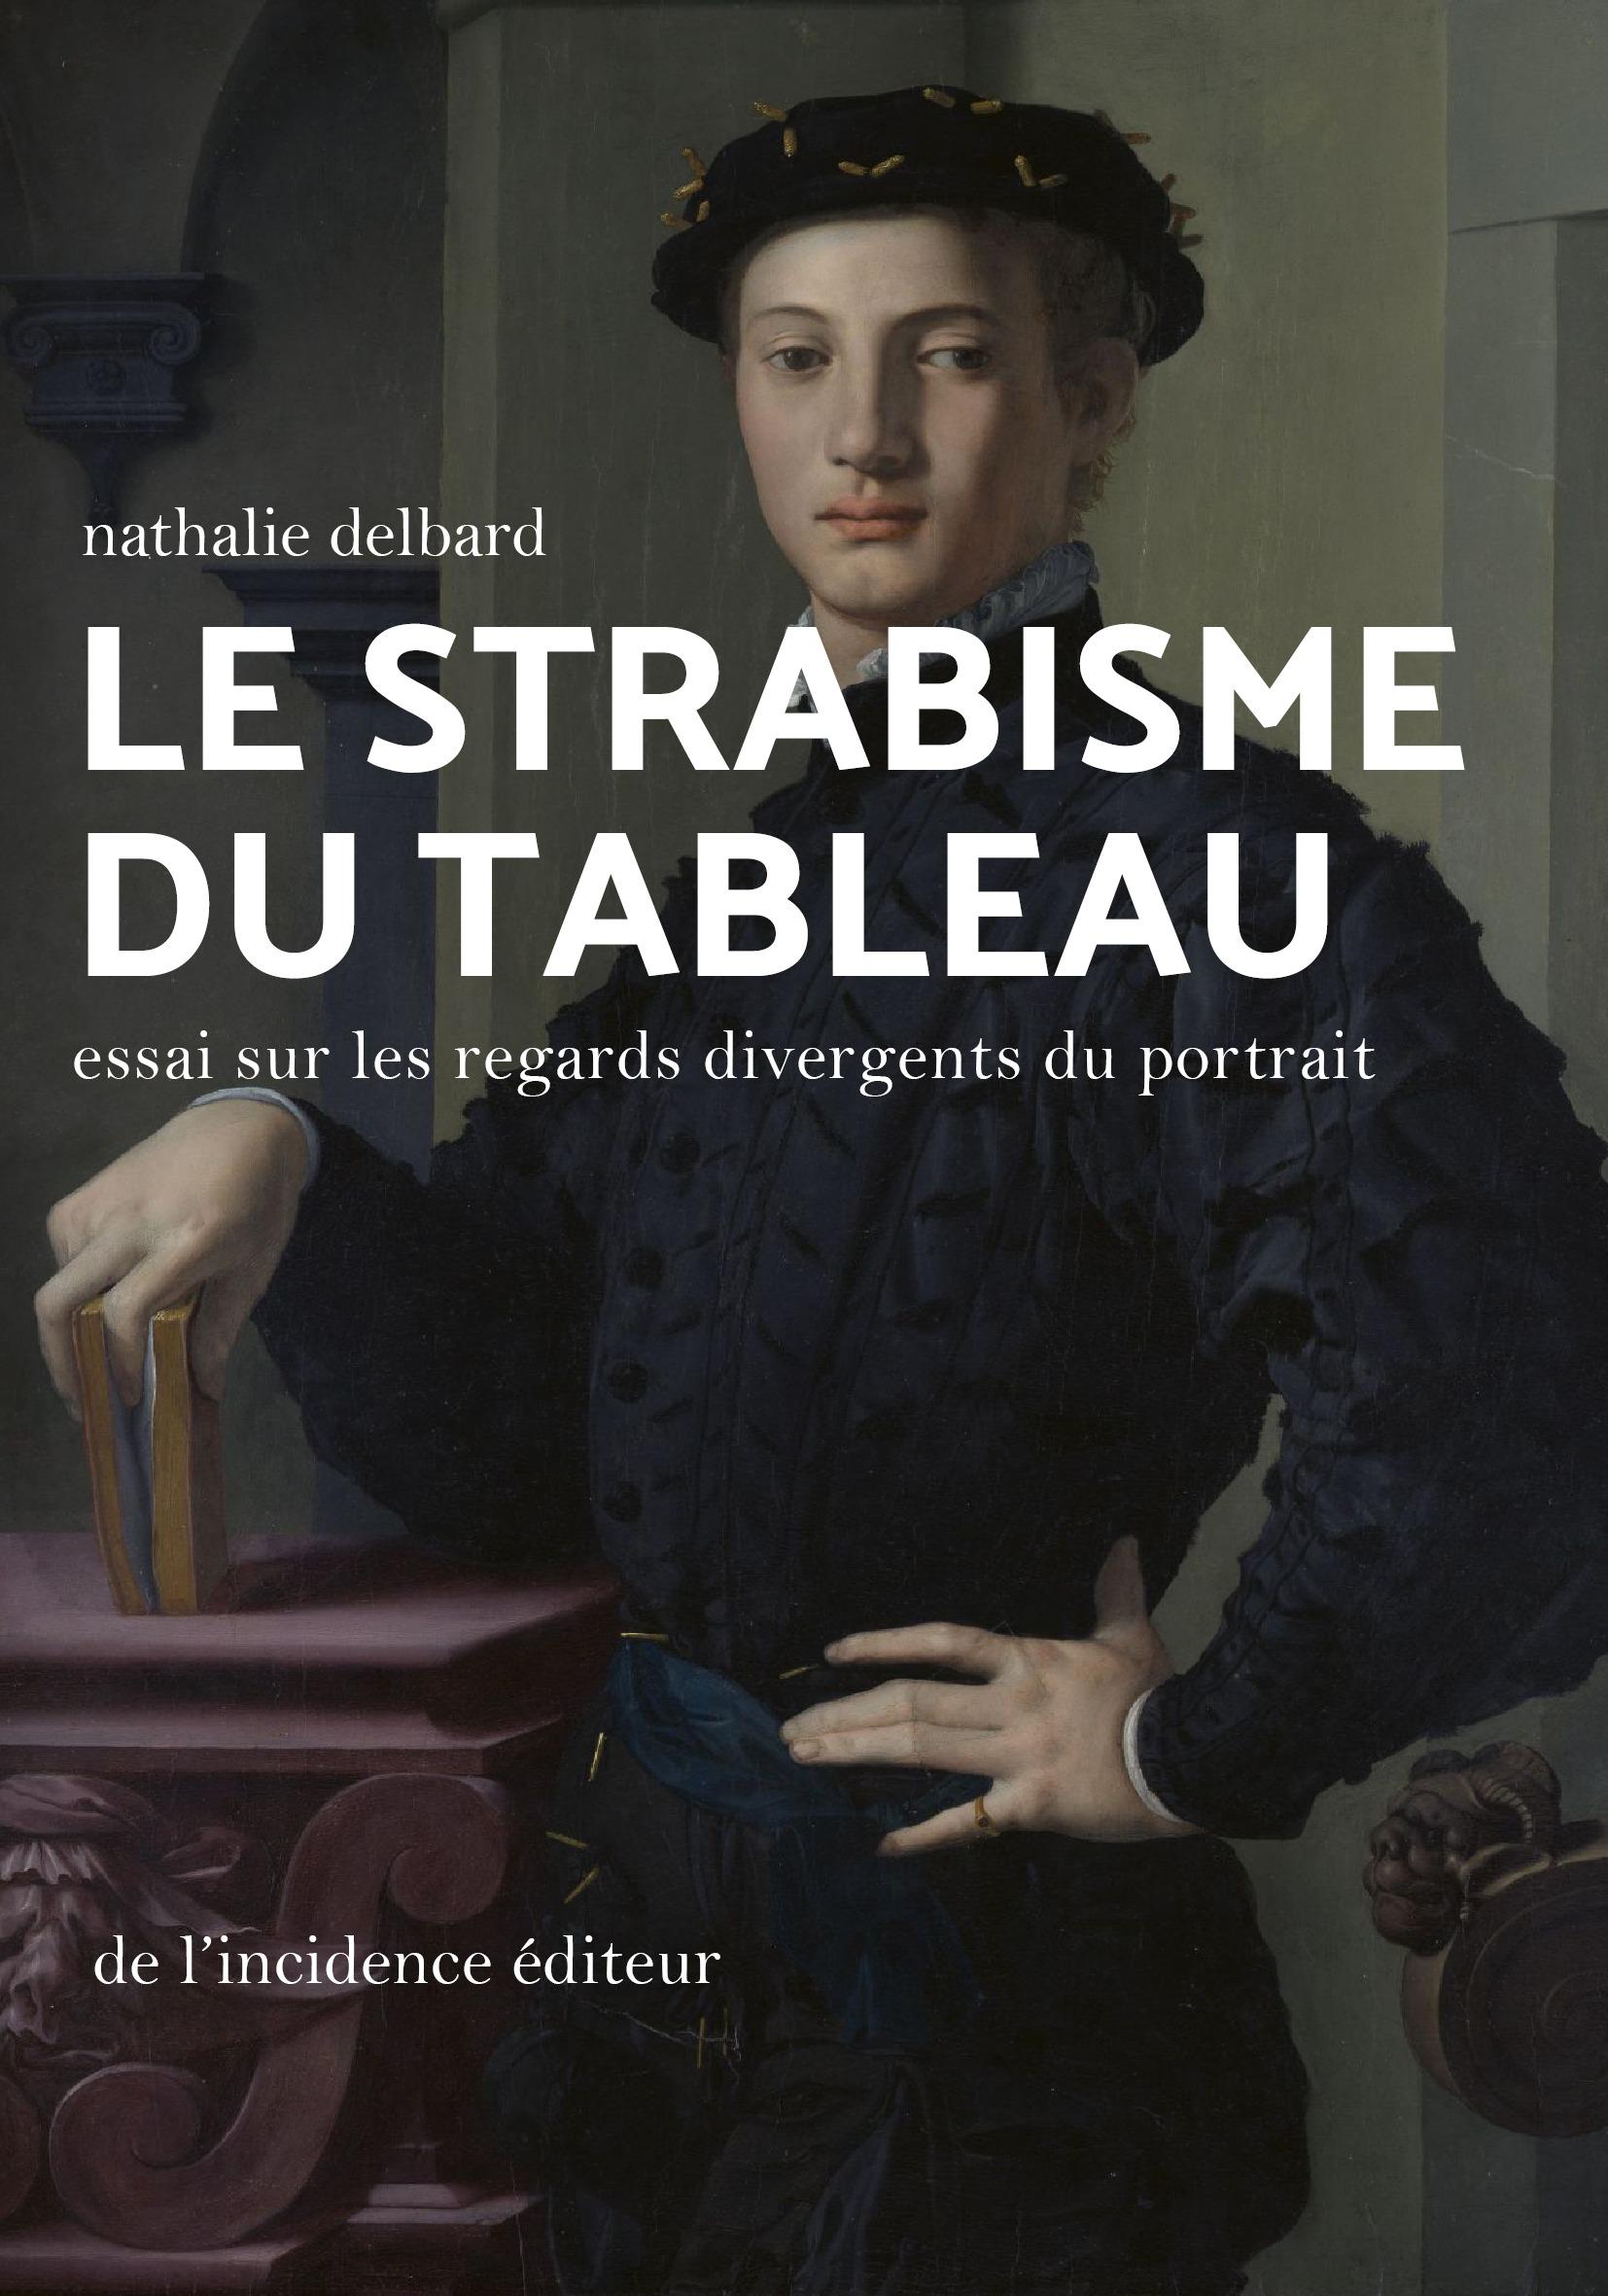 LE STRABISME DU TABLEAU - ESSAI SUR LES REGARDS DIVERGENTS DU PORTRAIT